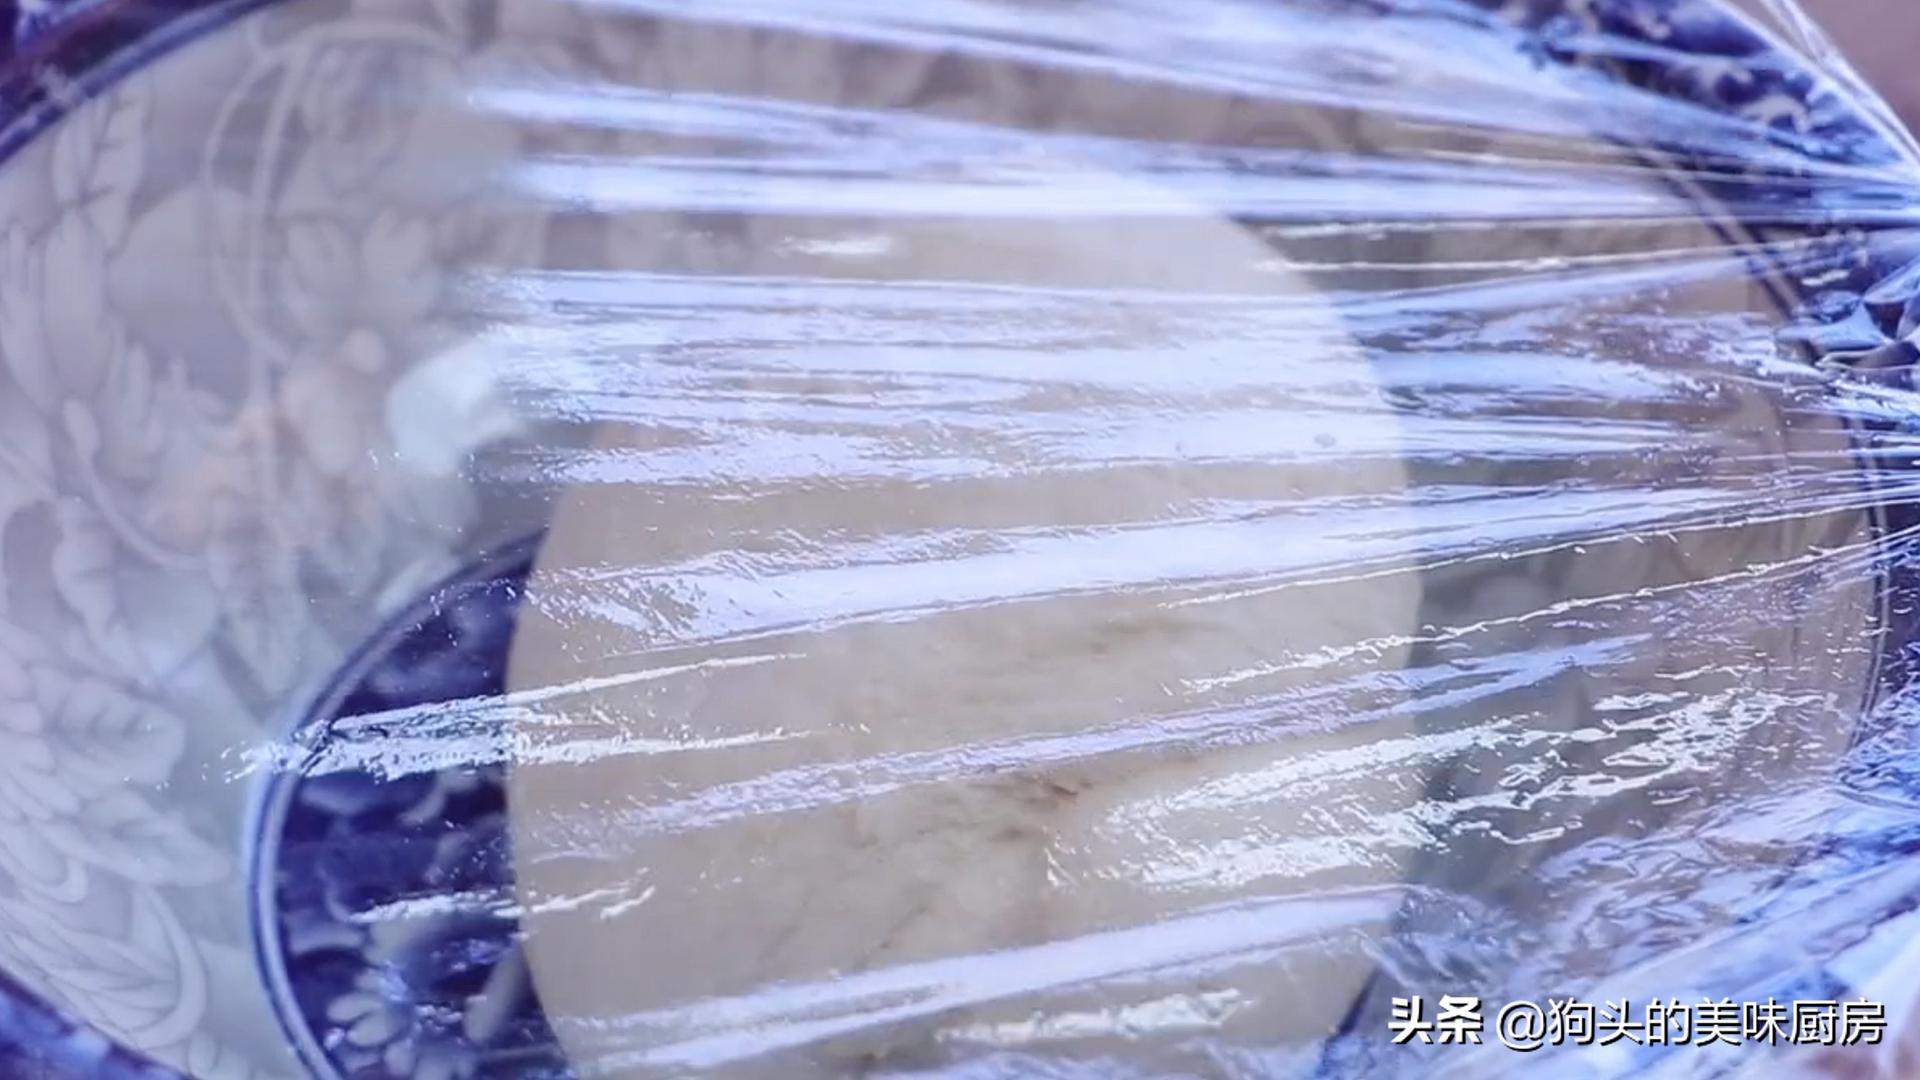 烙饼时,不要直接烙,多加这两步,饼柔软又起层,3分钟就能出锅 美食做法 第8张